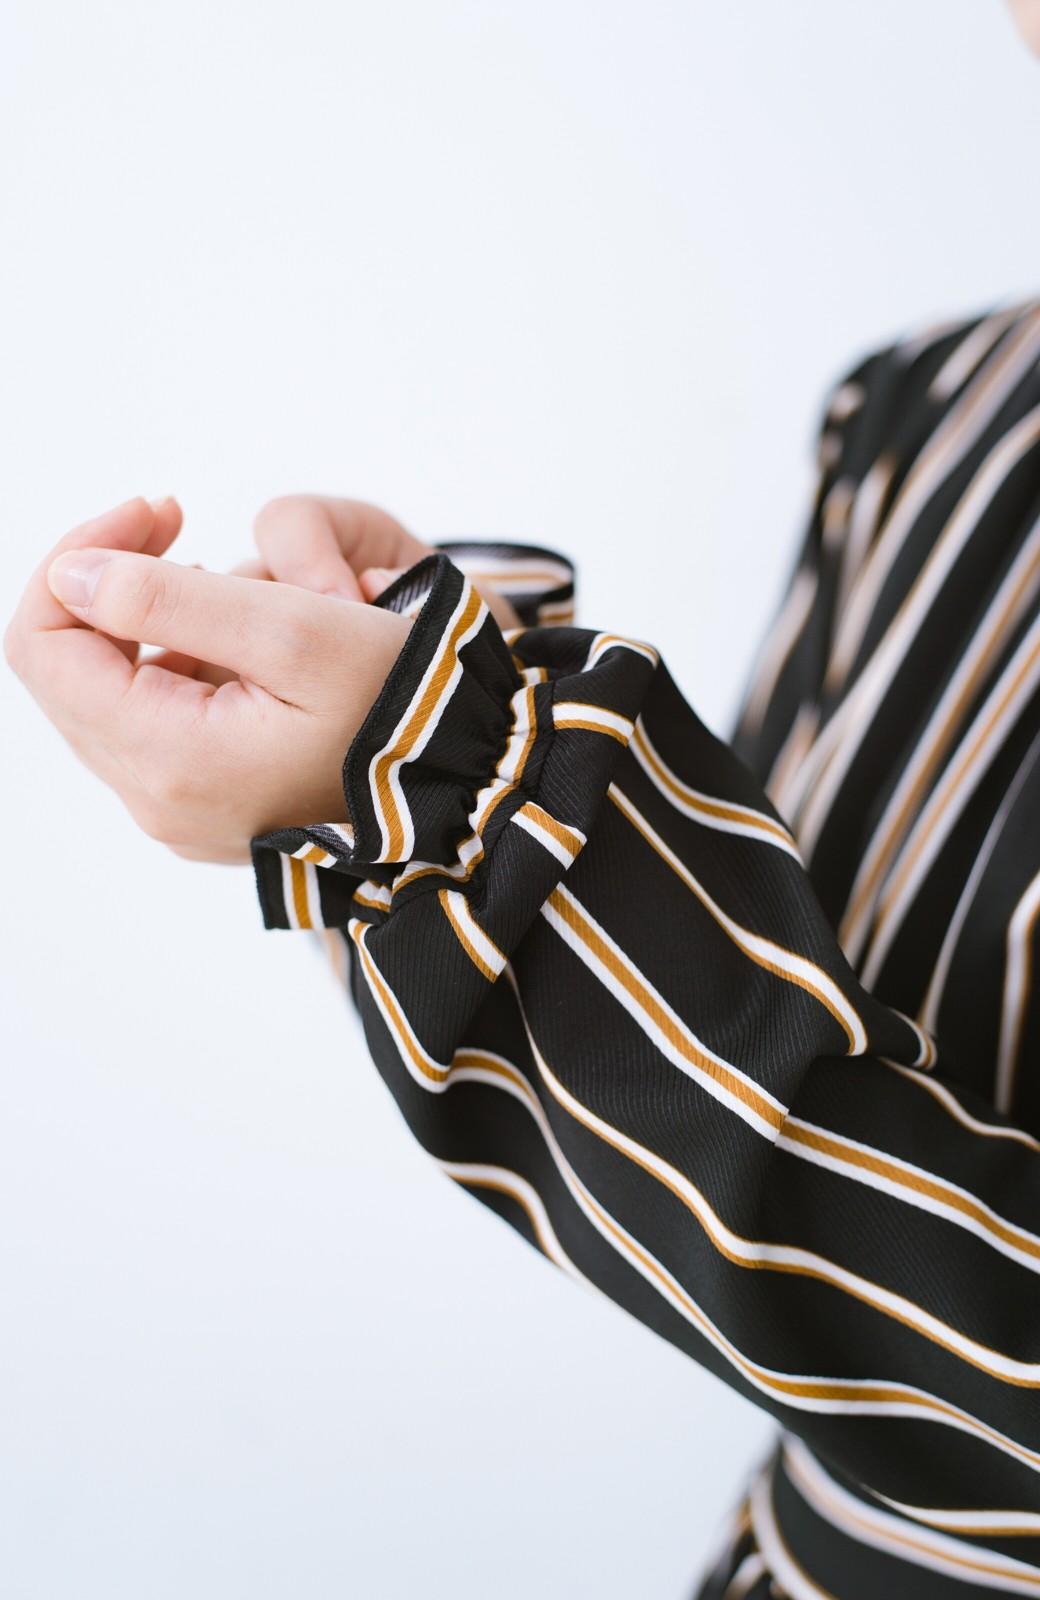 haco! 着るだけでテンション上げられる レジメンタルストライプのハイネックワンピース <ブラック>の商品写真4